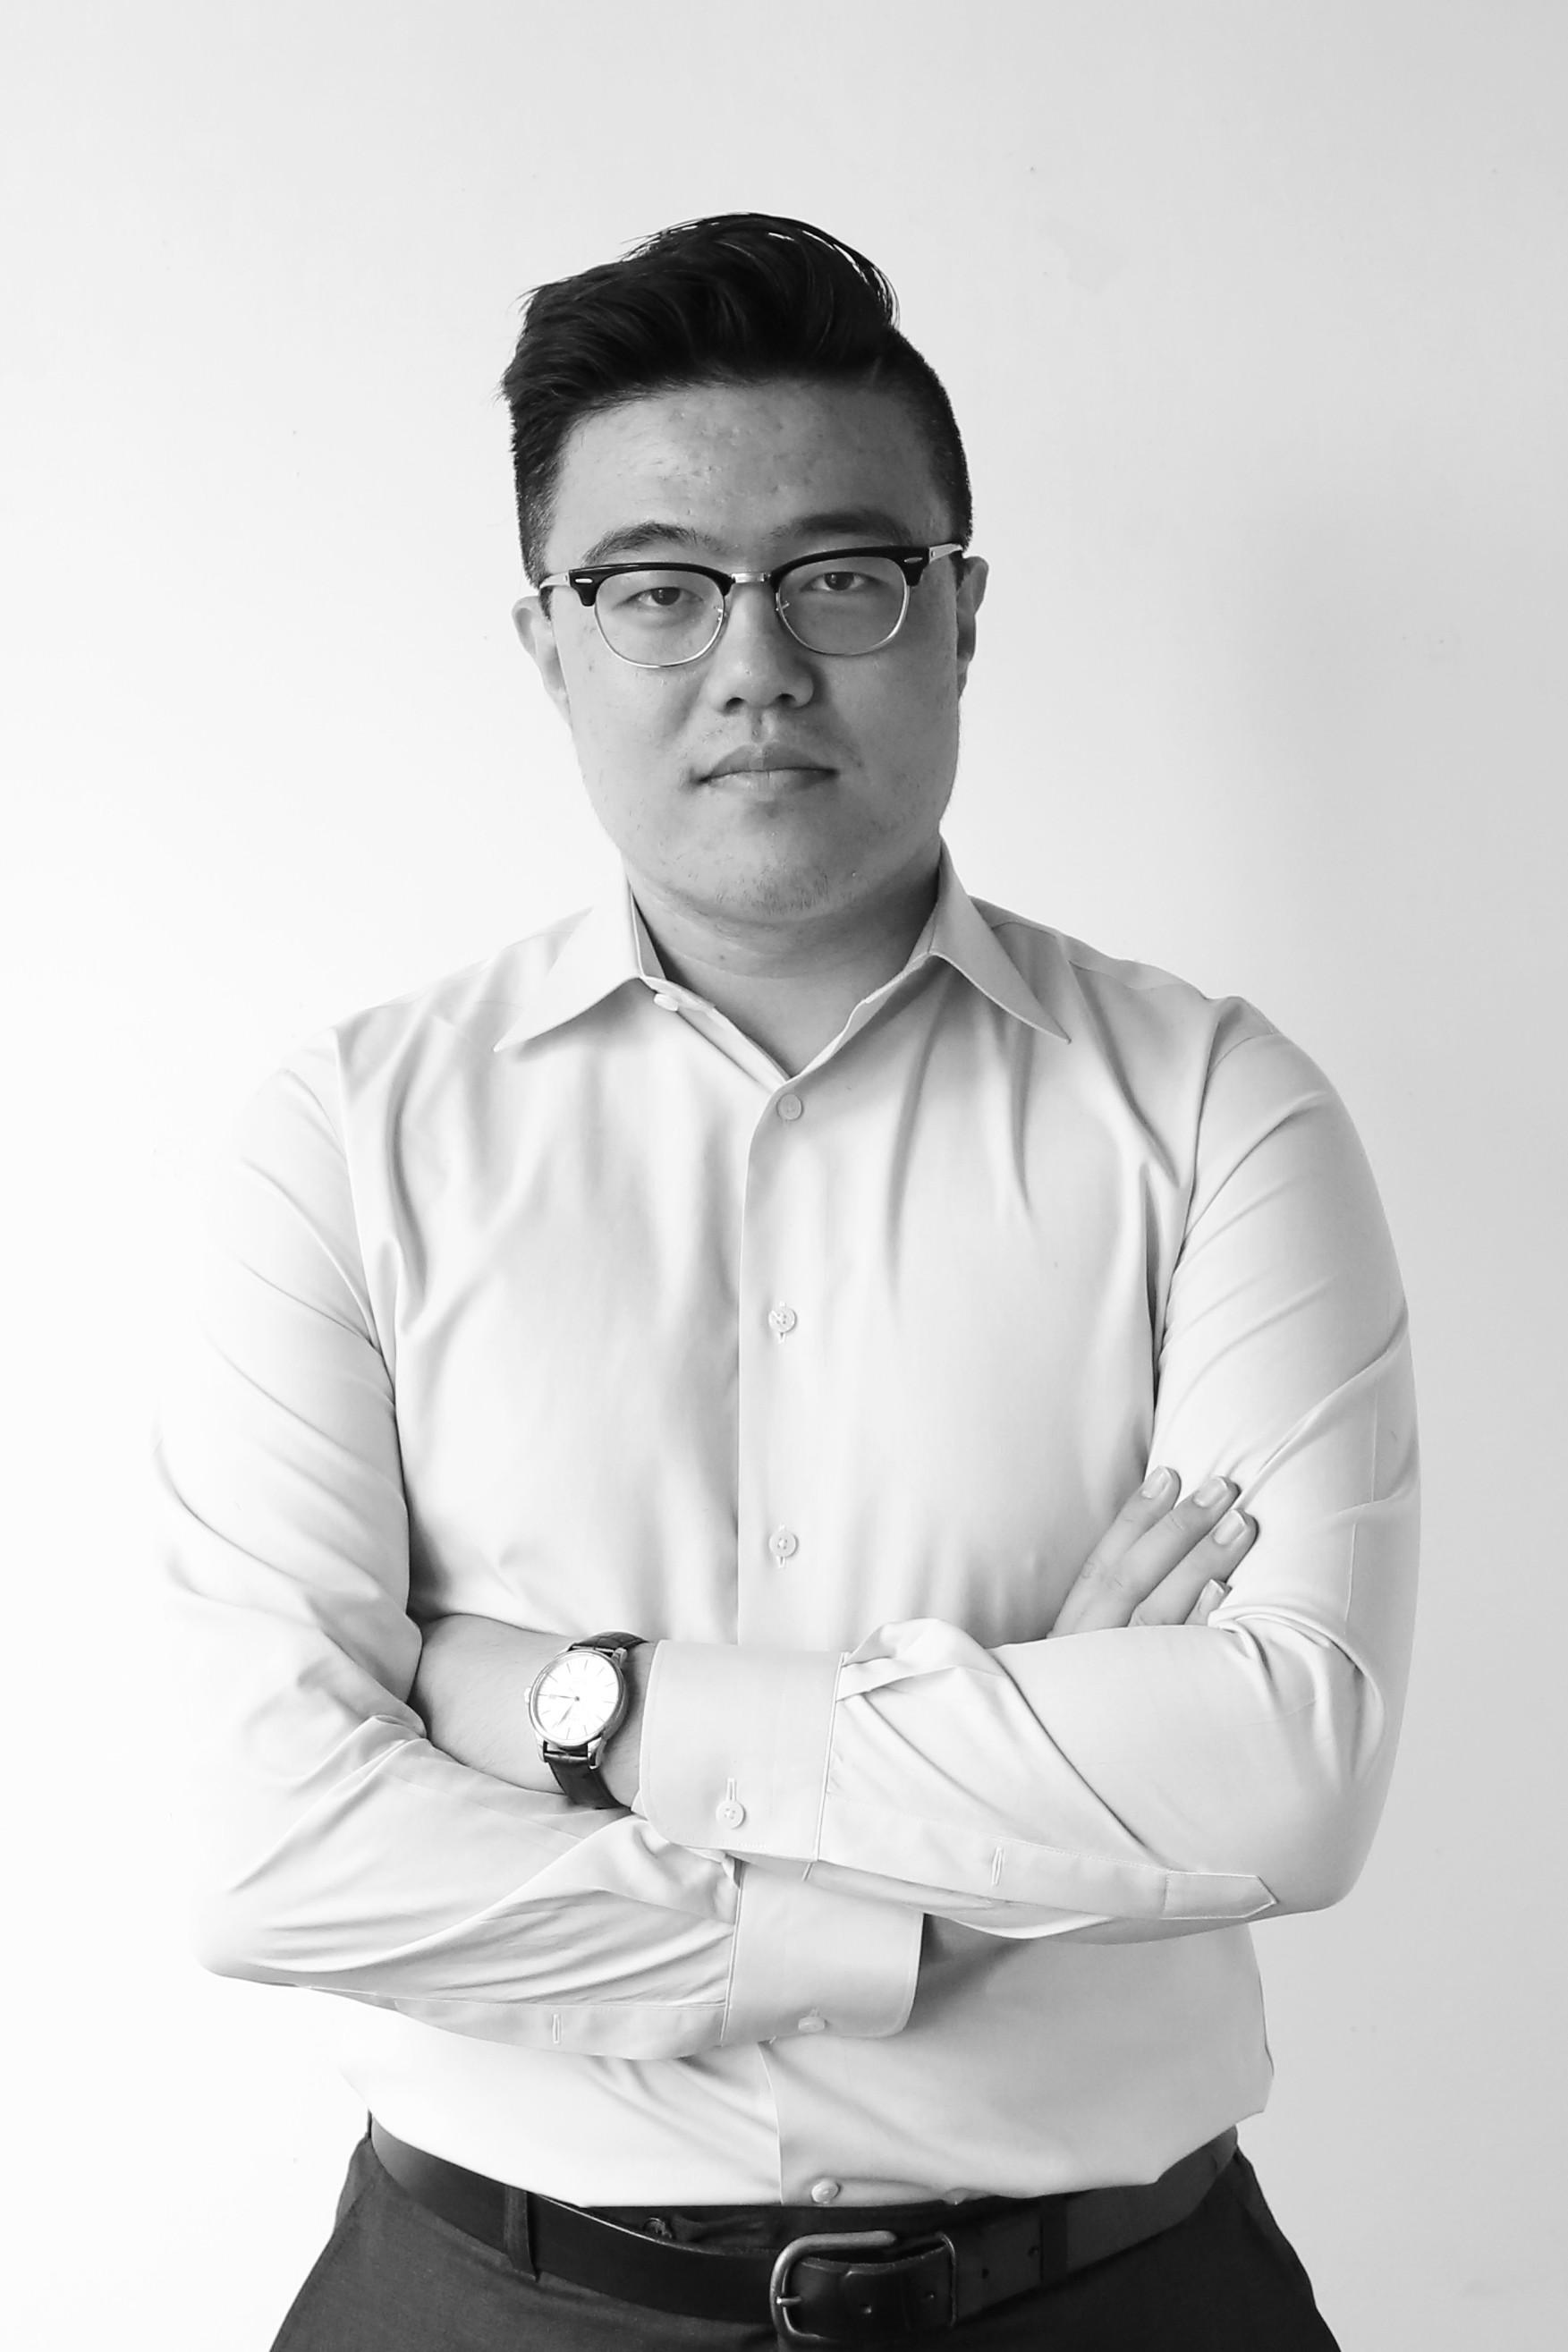 Ruoyu Wei